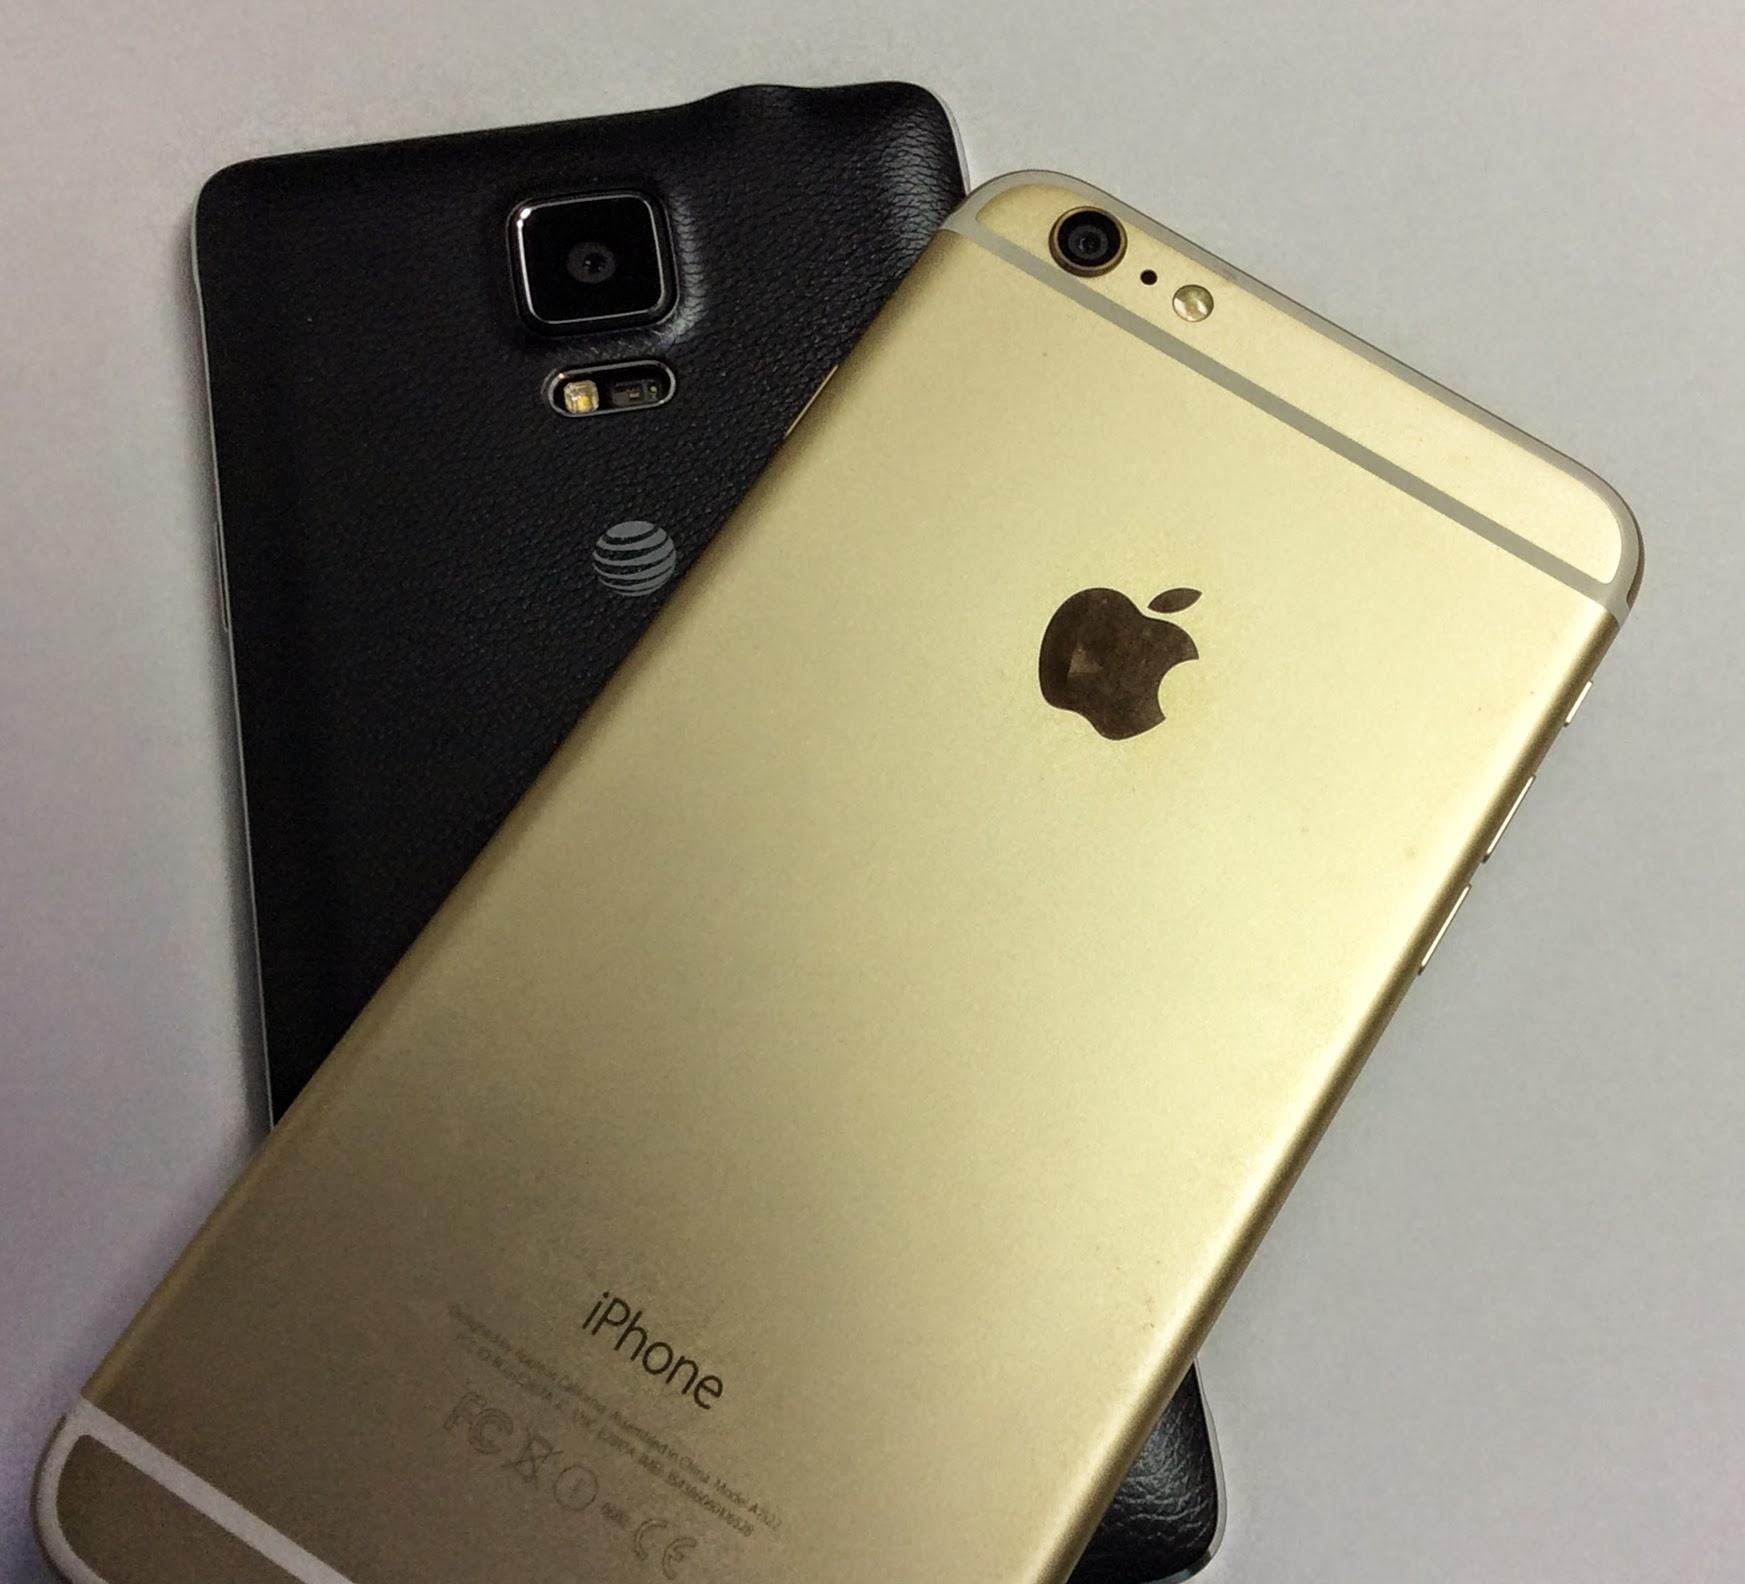 Iphone vs samsung camera comparison